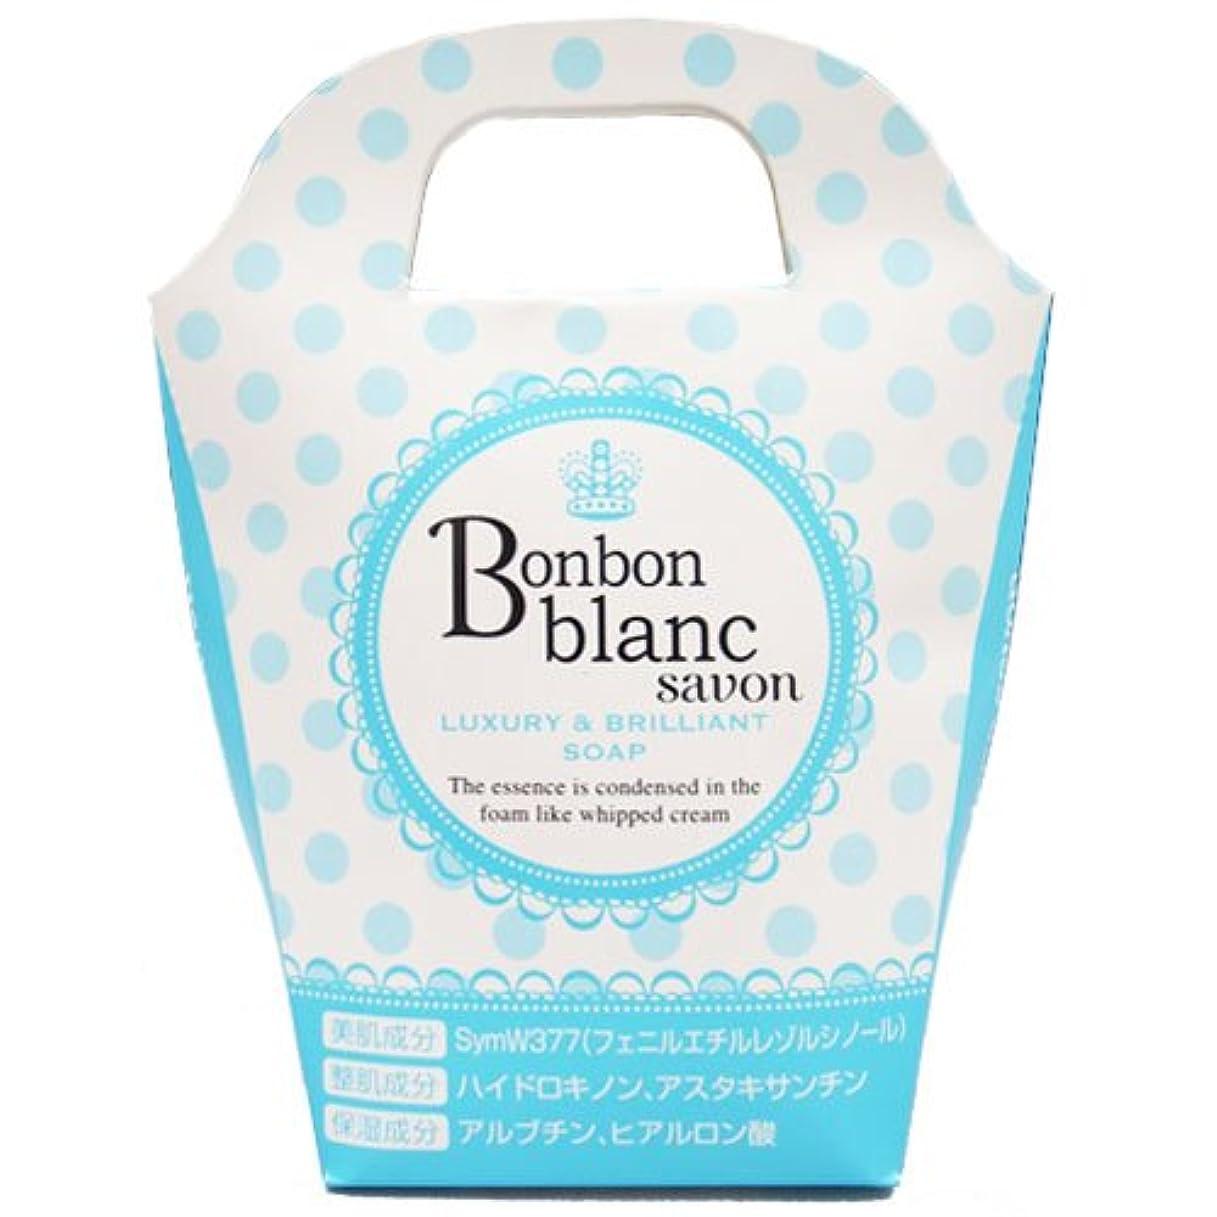 歴史的手がかりバンビーム  Bonbon blanc savon(ボンボンブランサボン)    25g